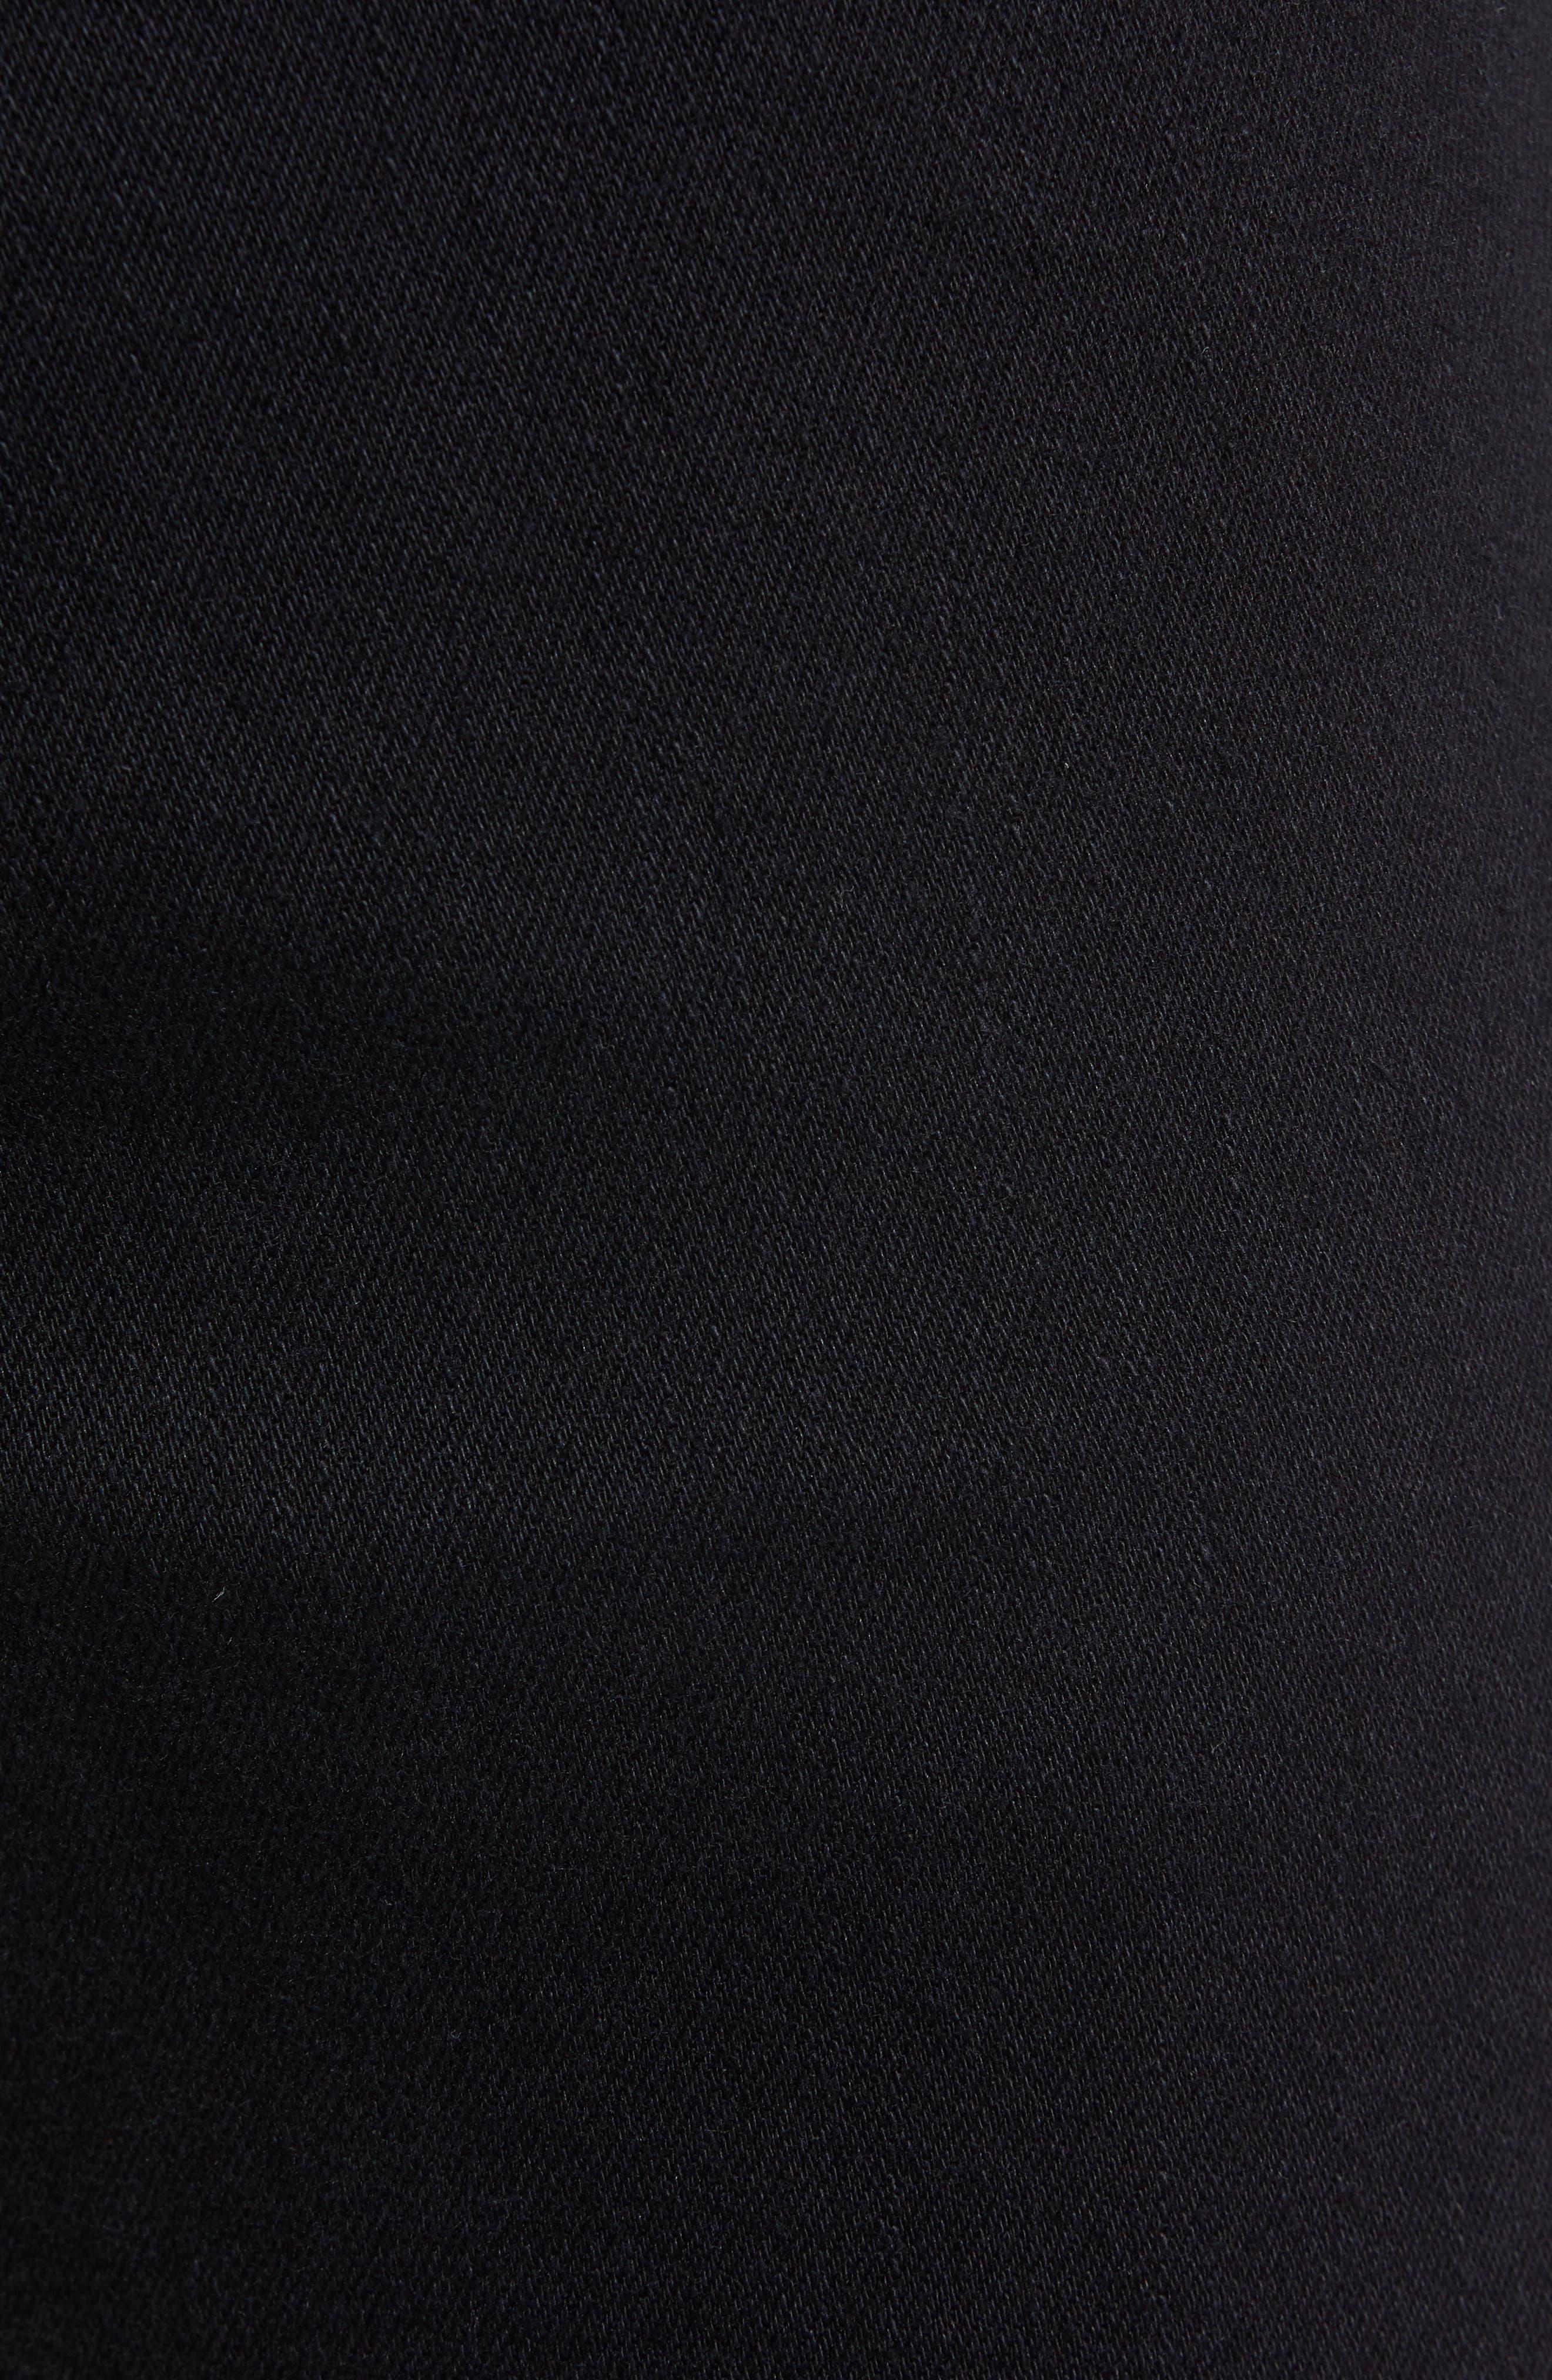 Adrien Slim Fit Straight Leg Jeans,                             Alternate thumbnail 5, color,                             AUTHENTIC BLACK